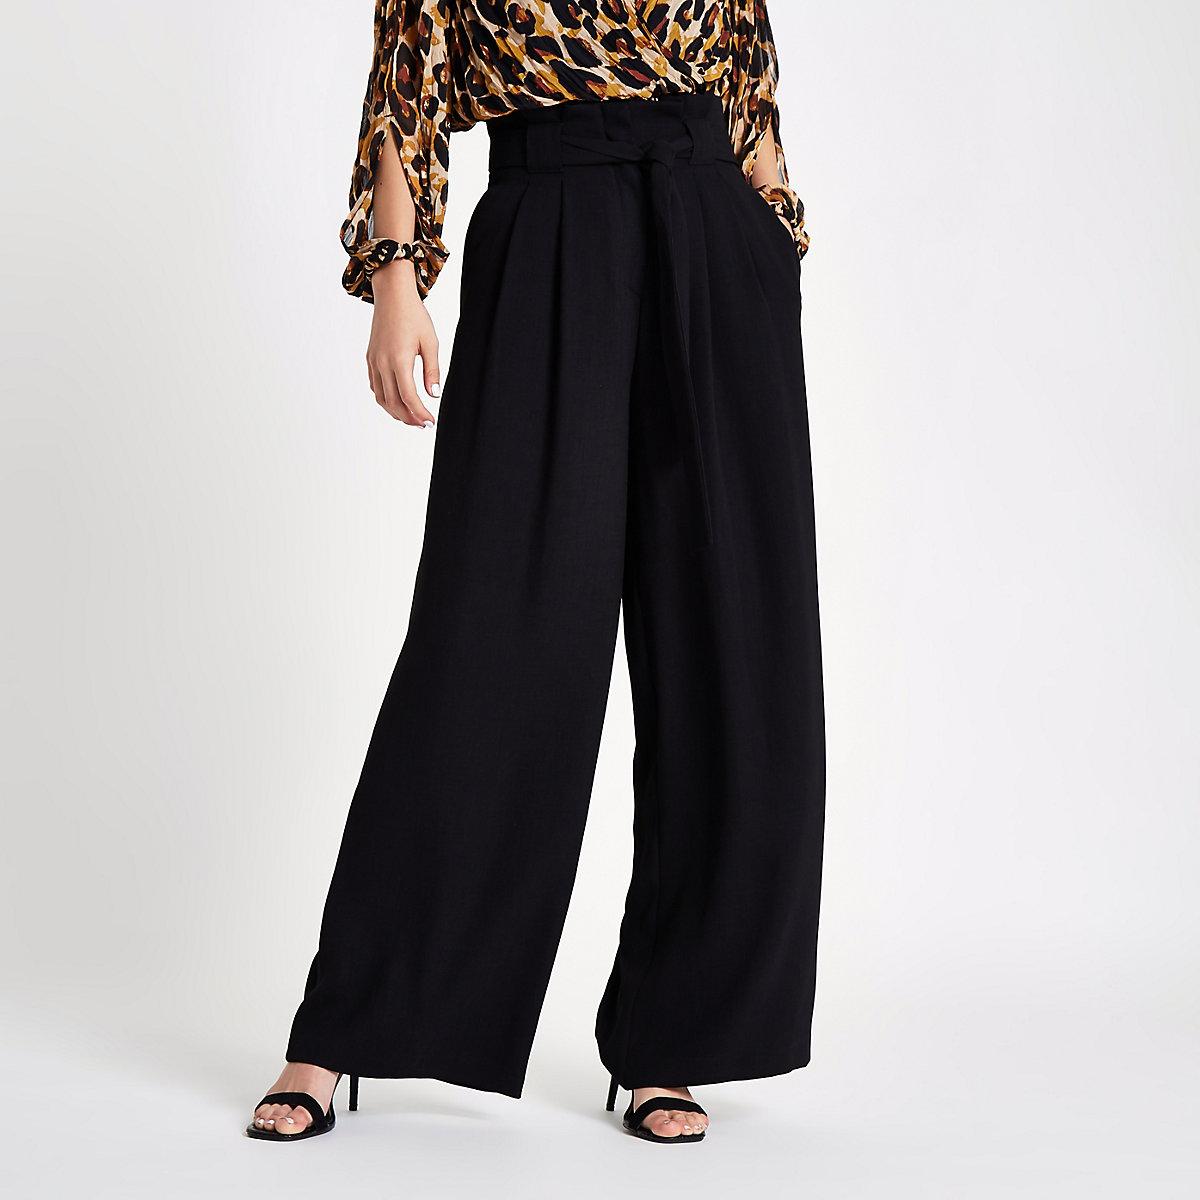 Zwarte broek met wijde pijpen en strikceintuur